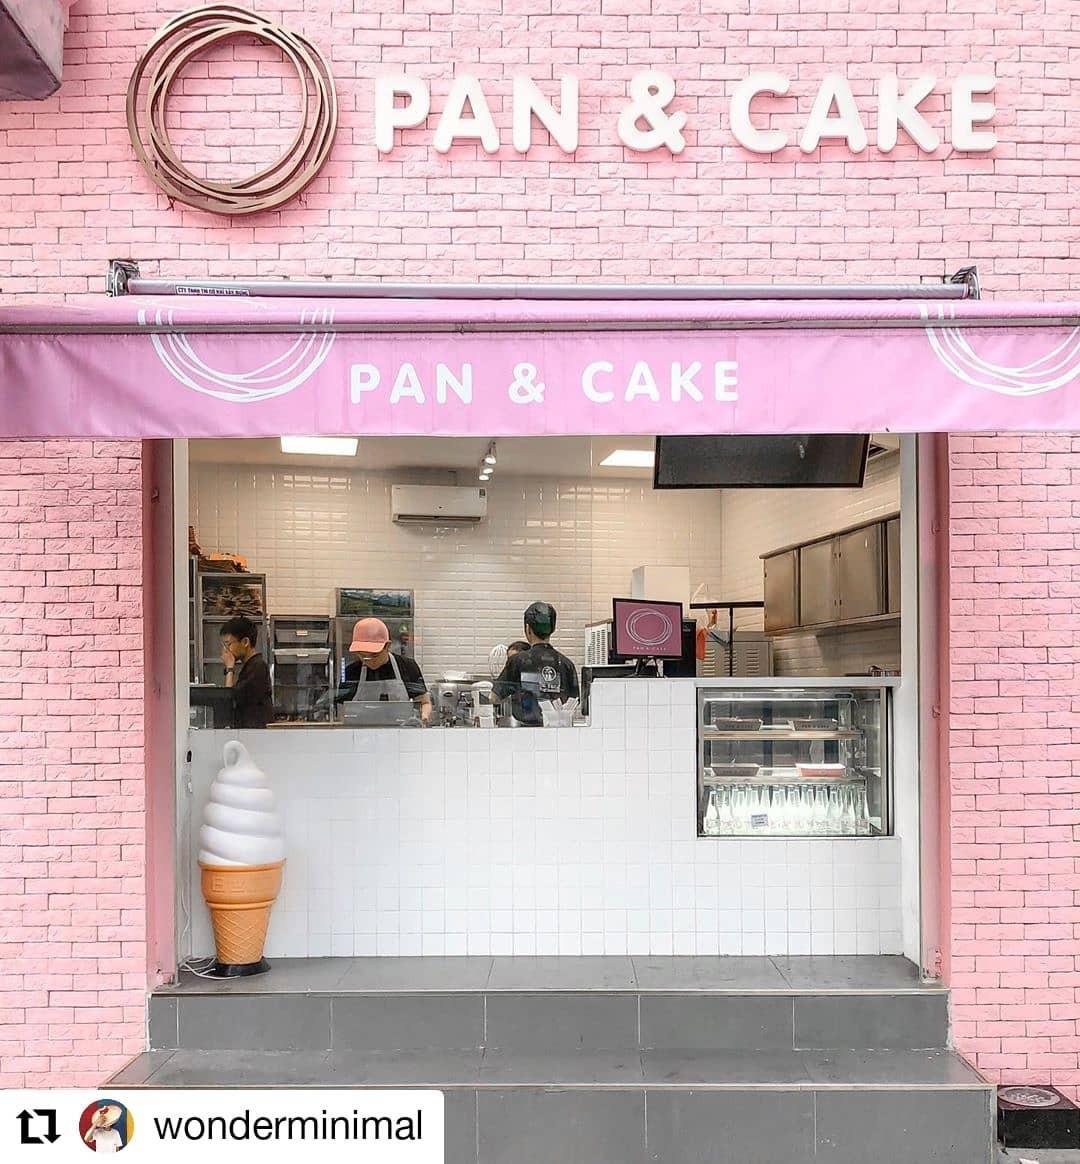 Pancake souffle kiểu Nhật bông mịn như mây khiến ai cũng thèm đã có mặt ở Sài Gòn với cửa hàng tông hồng sống ảo - Ảnh 4.